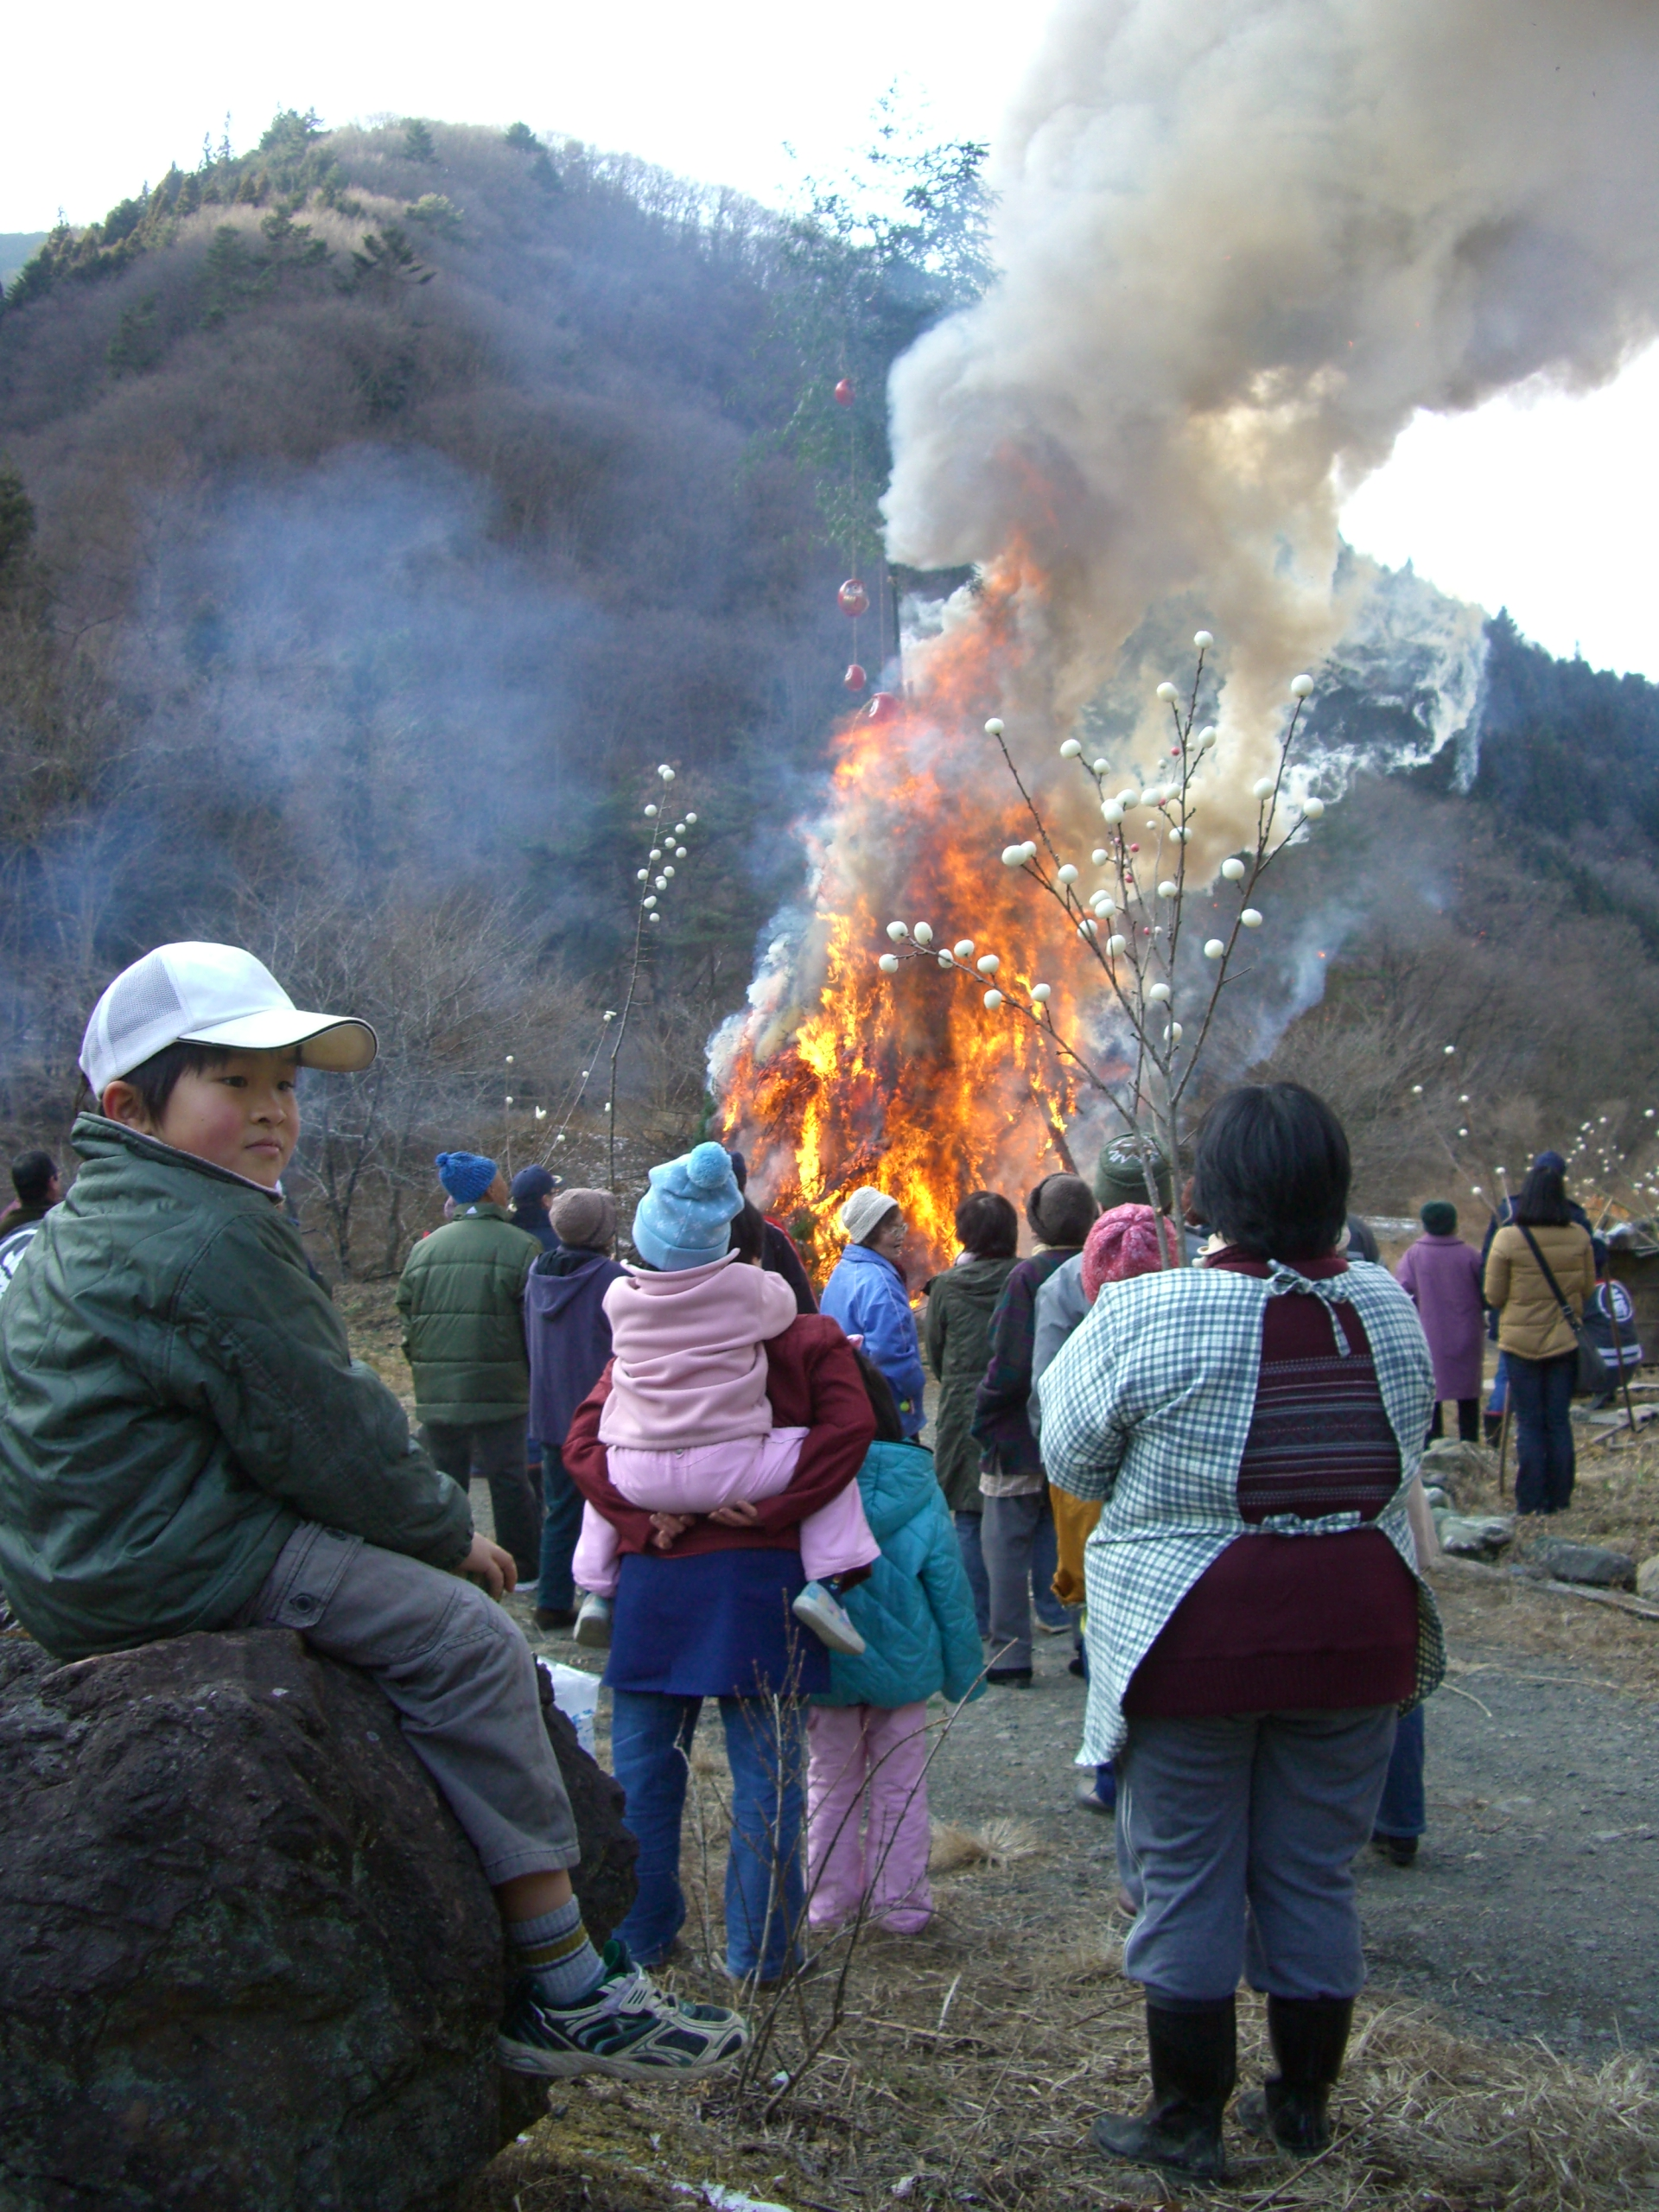 http://www.uenomura.ne.jp/blog/photonews/CIMG2314.JPG